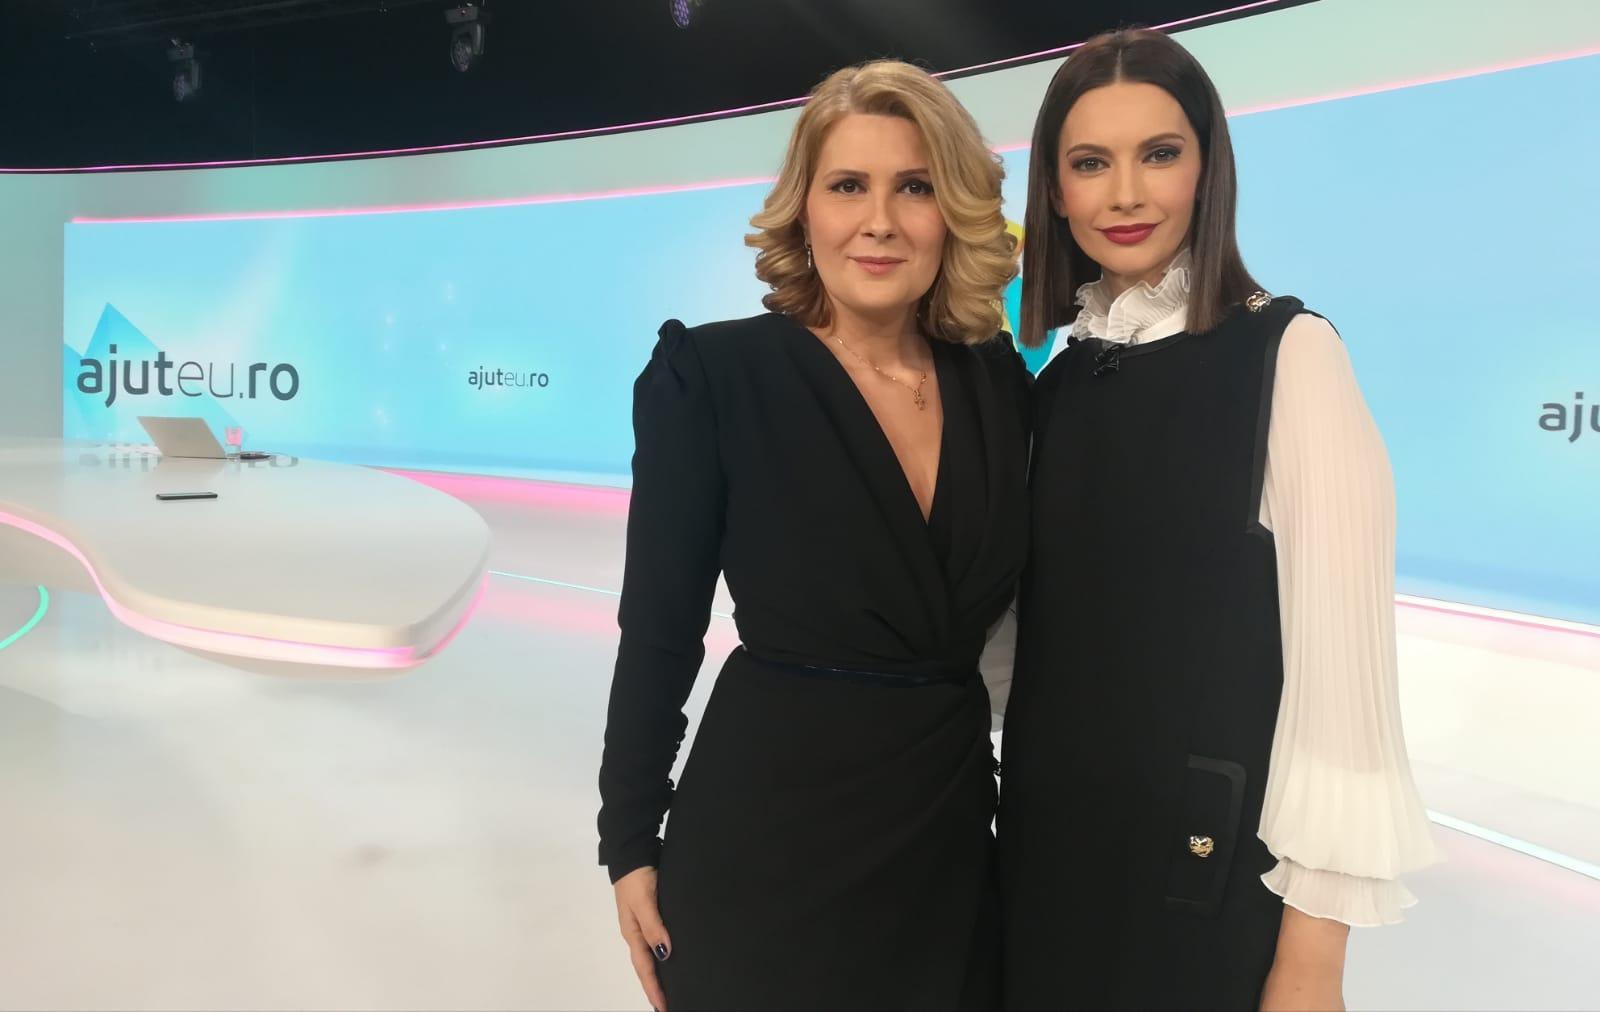 """Sandra Stoicescu, despre campania """"Ajut eu"""",de la Antena 1: """"Avem în ADN-ul nostru sã ajutãm, sã schimbãm vieţi!"""""""